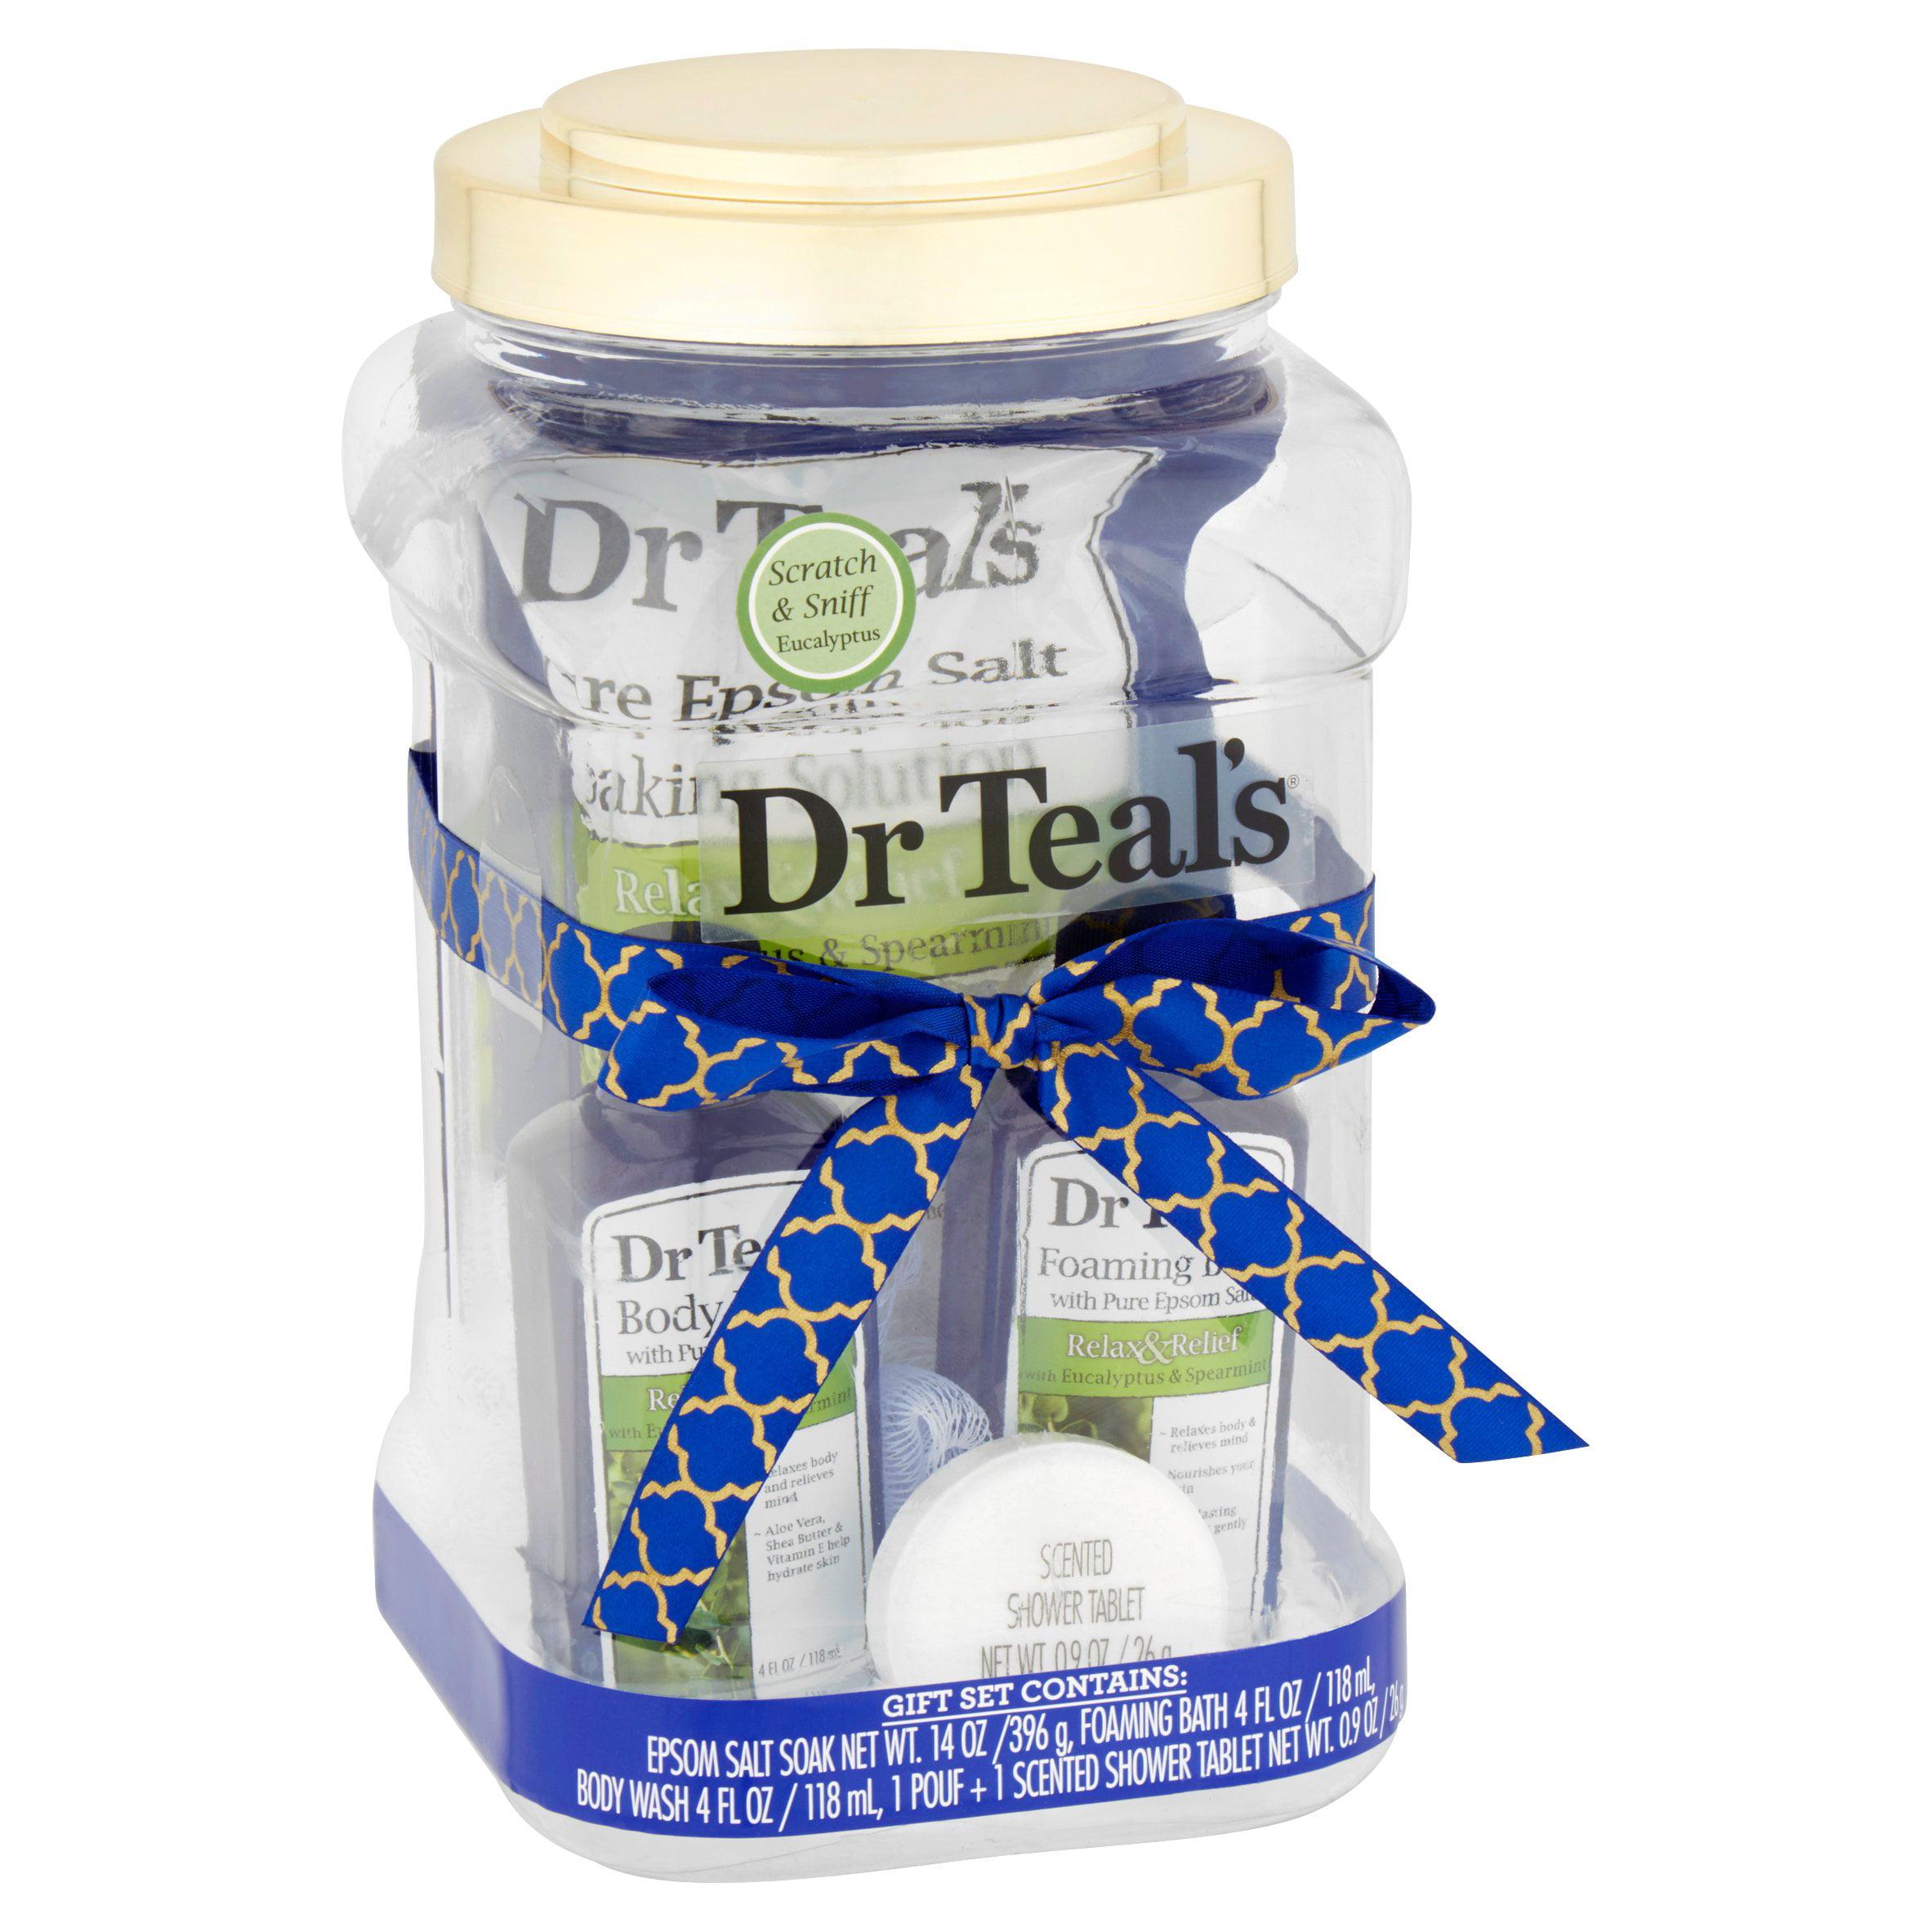 Dr Teal's Relax with Eucalyptus & Spearmint Bath Gift Set, 5 piece by PARFUMS DE COEUR LTD